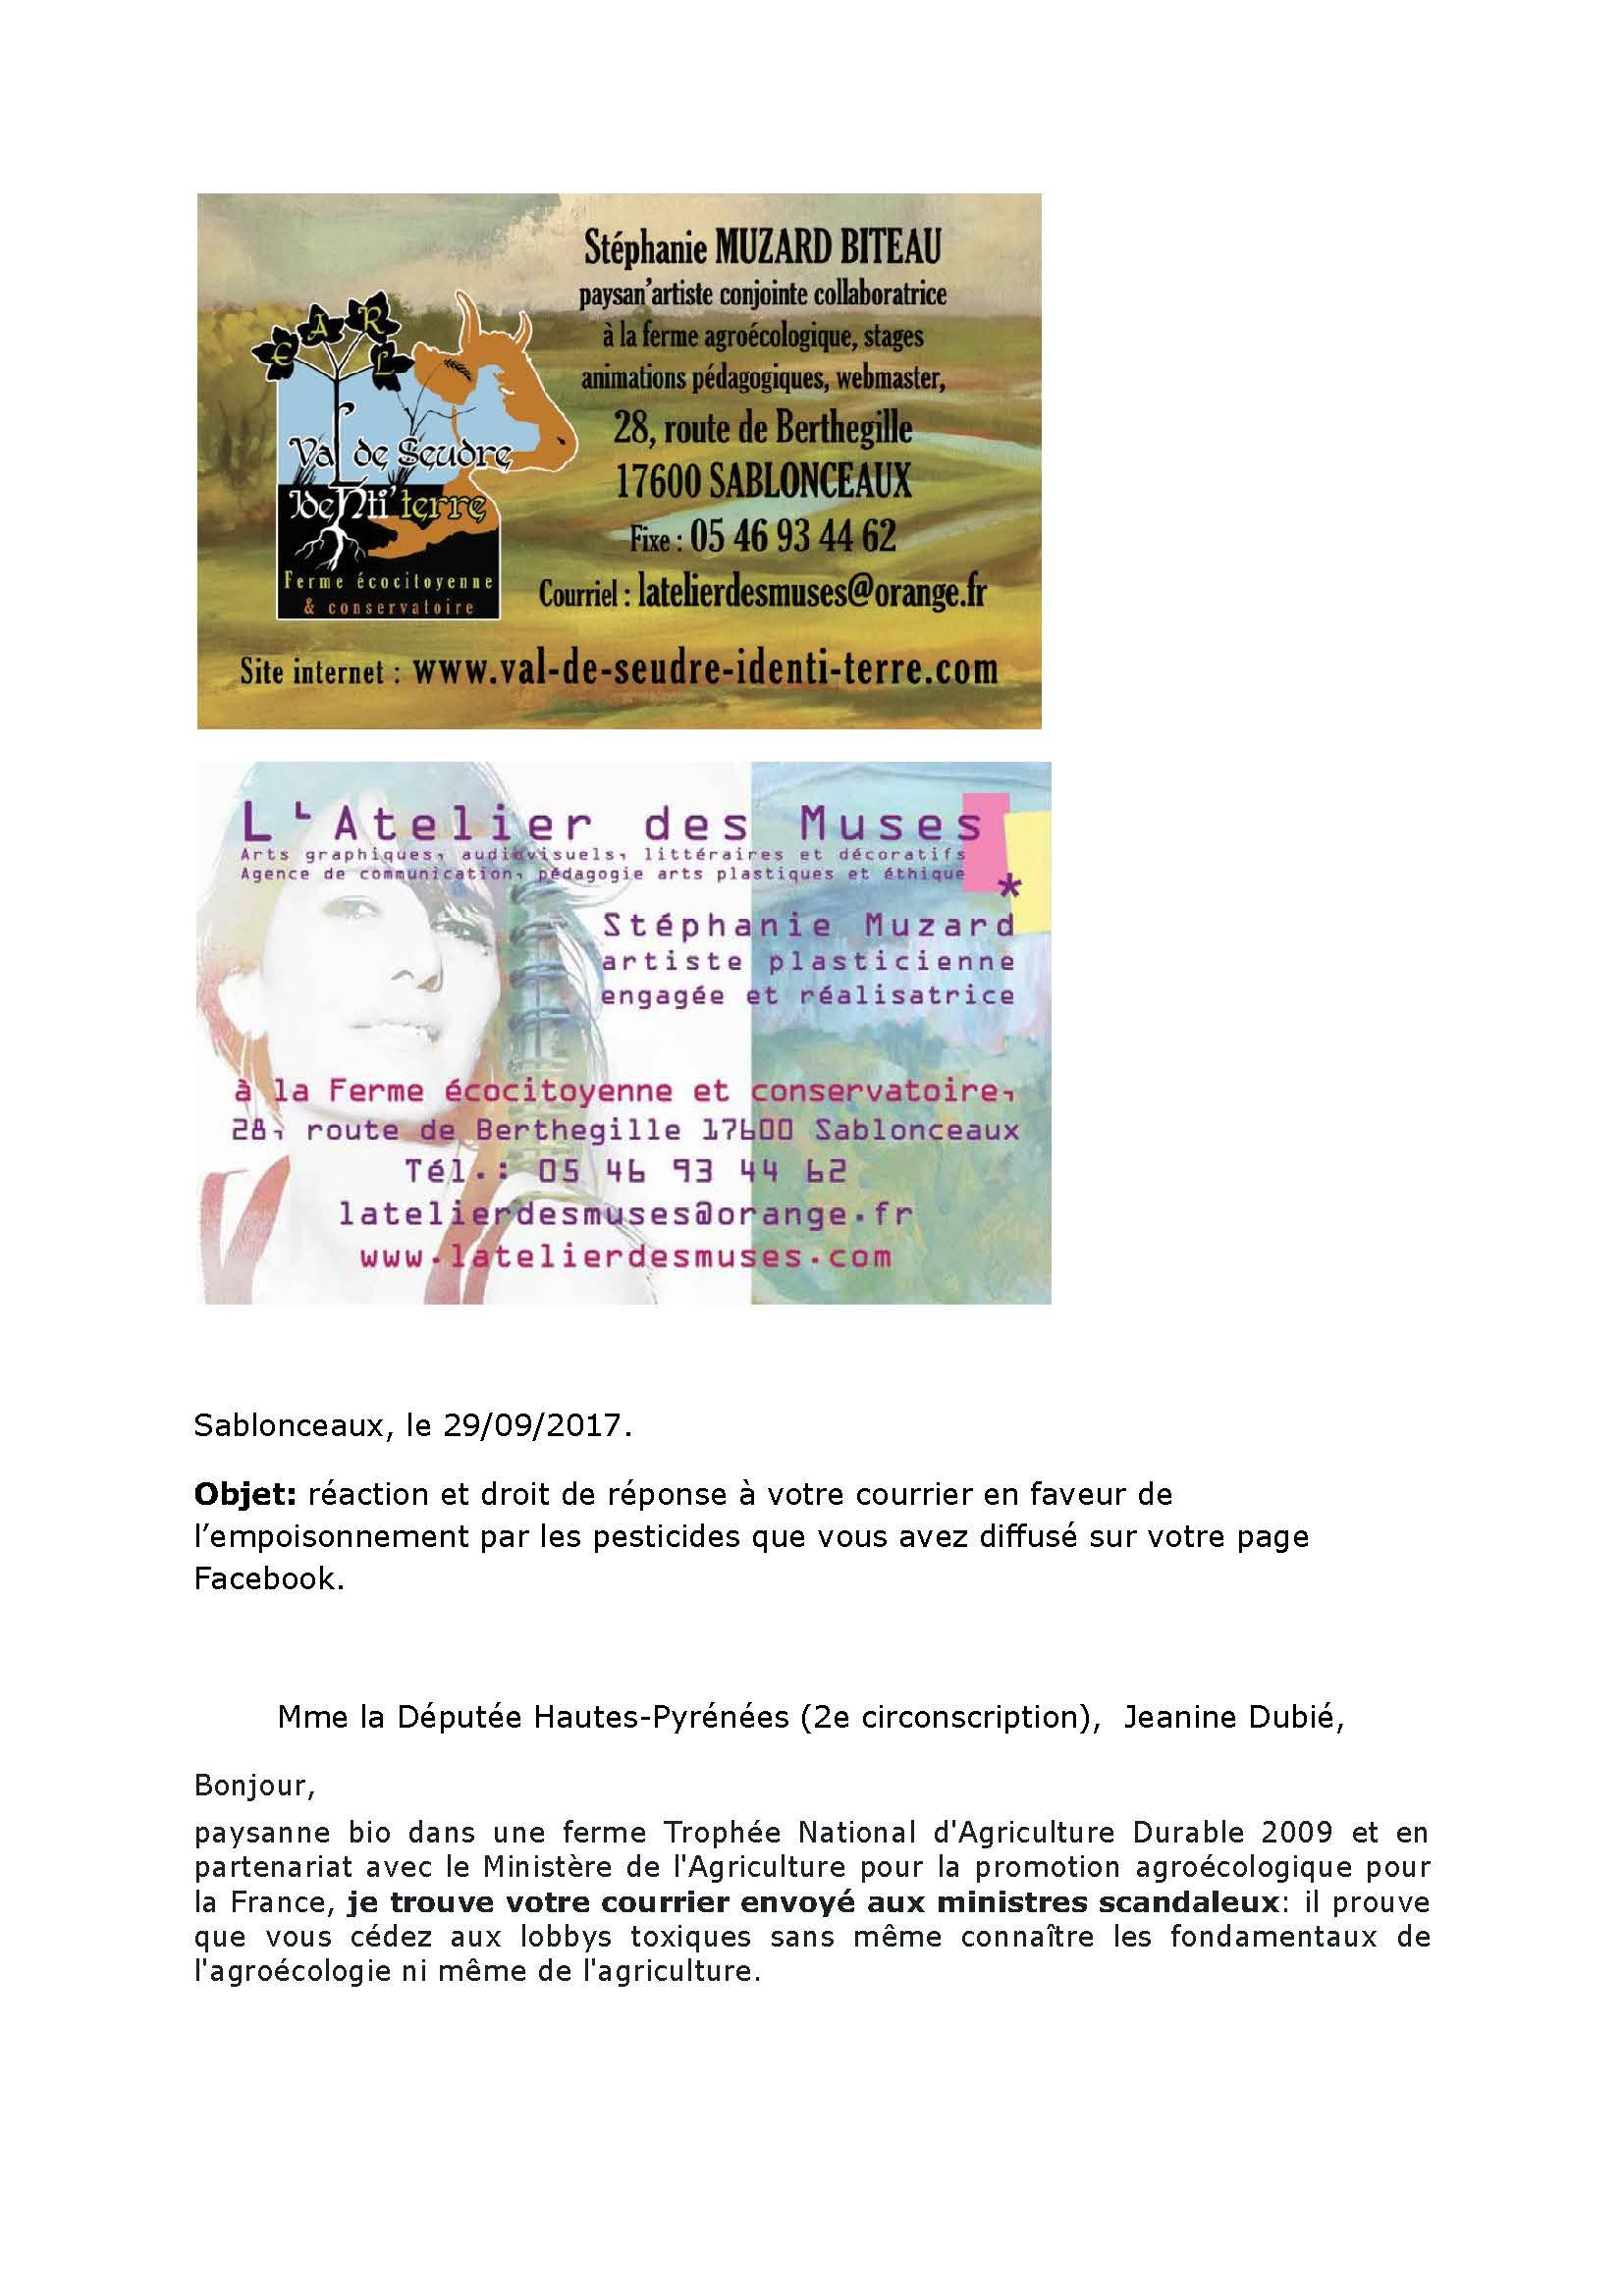 courrier à députée 65 dubié_Page_1.jpg